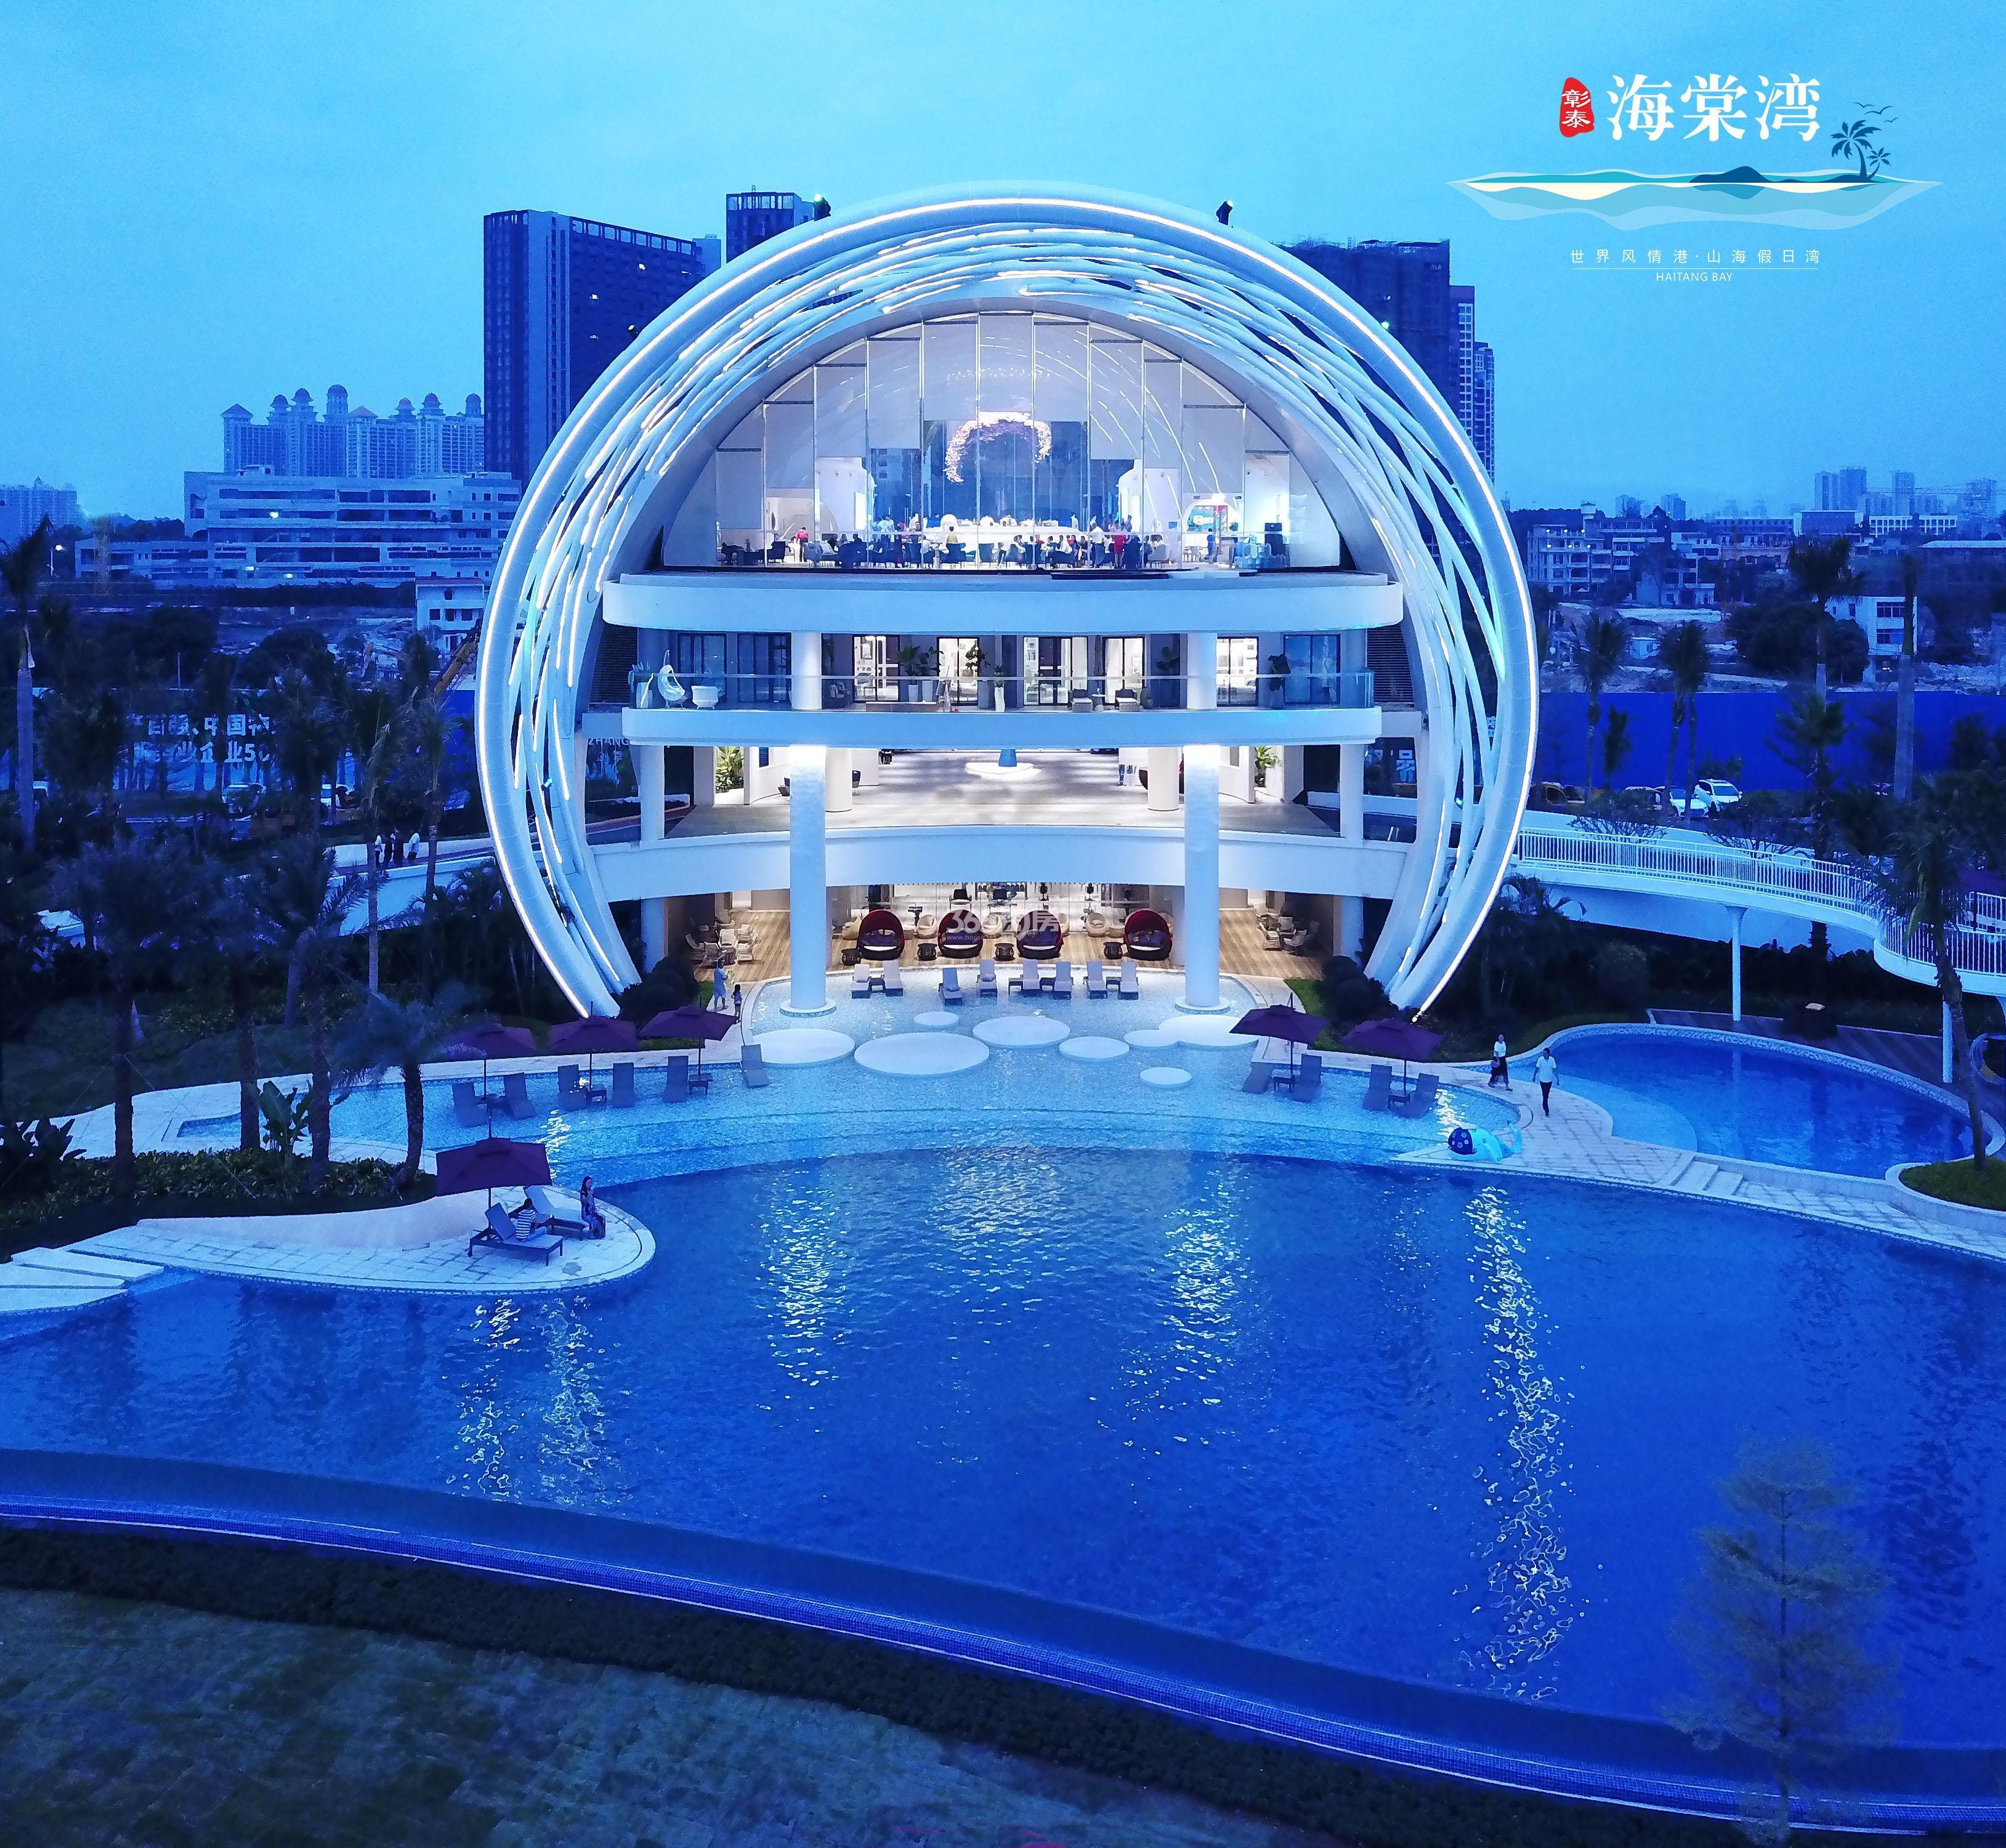 彰泰·海棠湾实景图